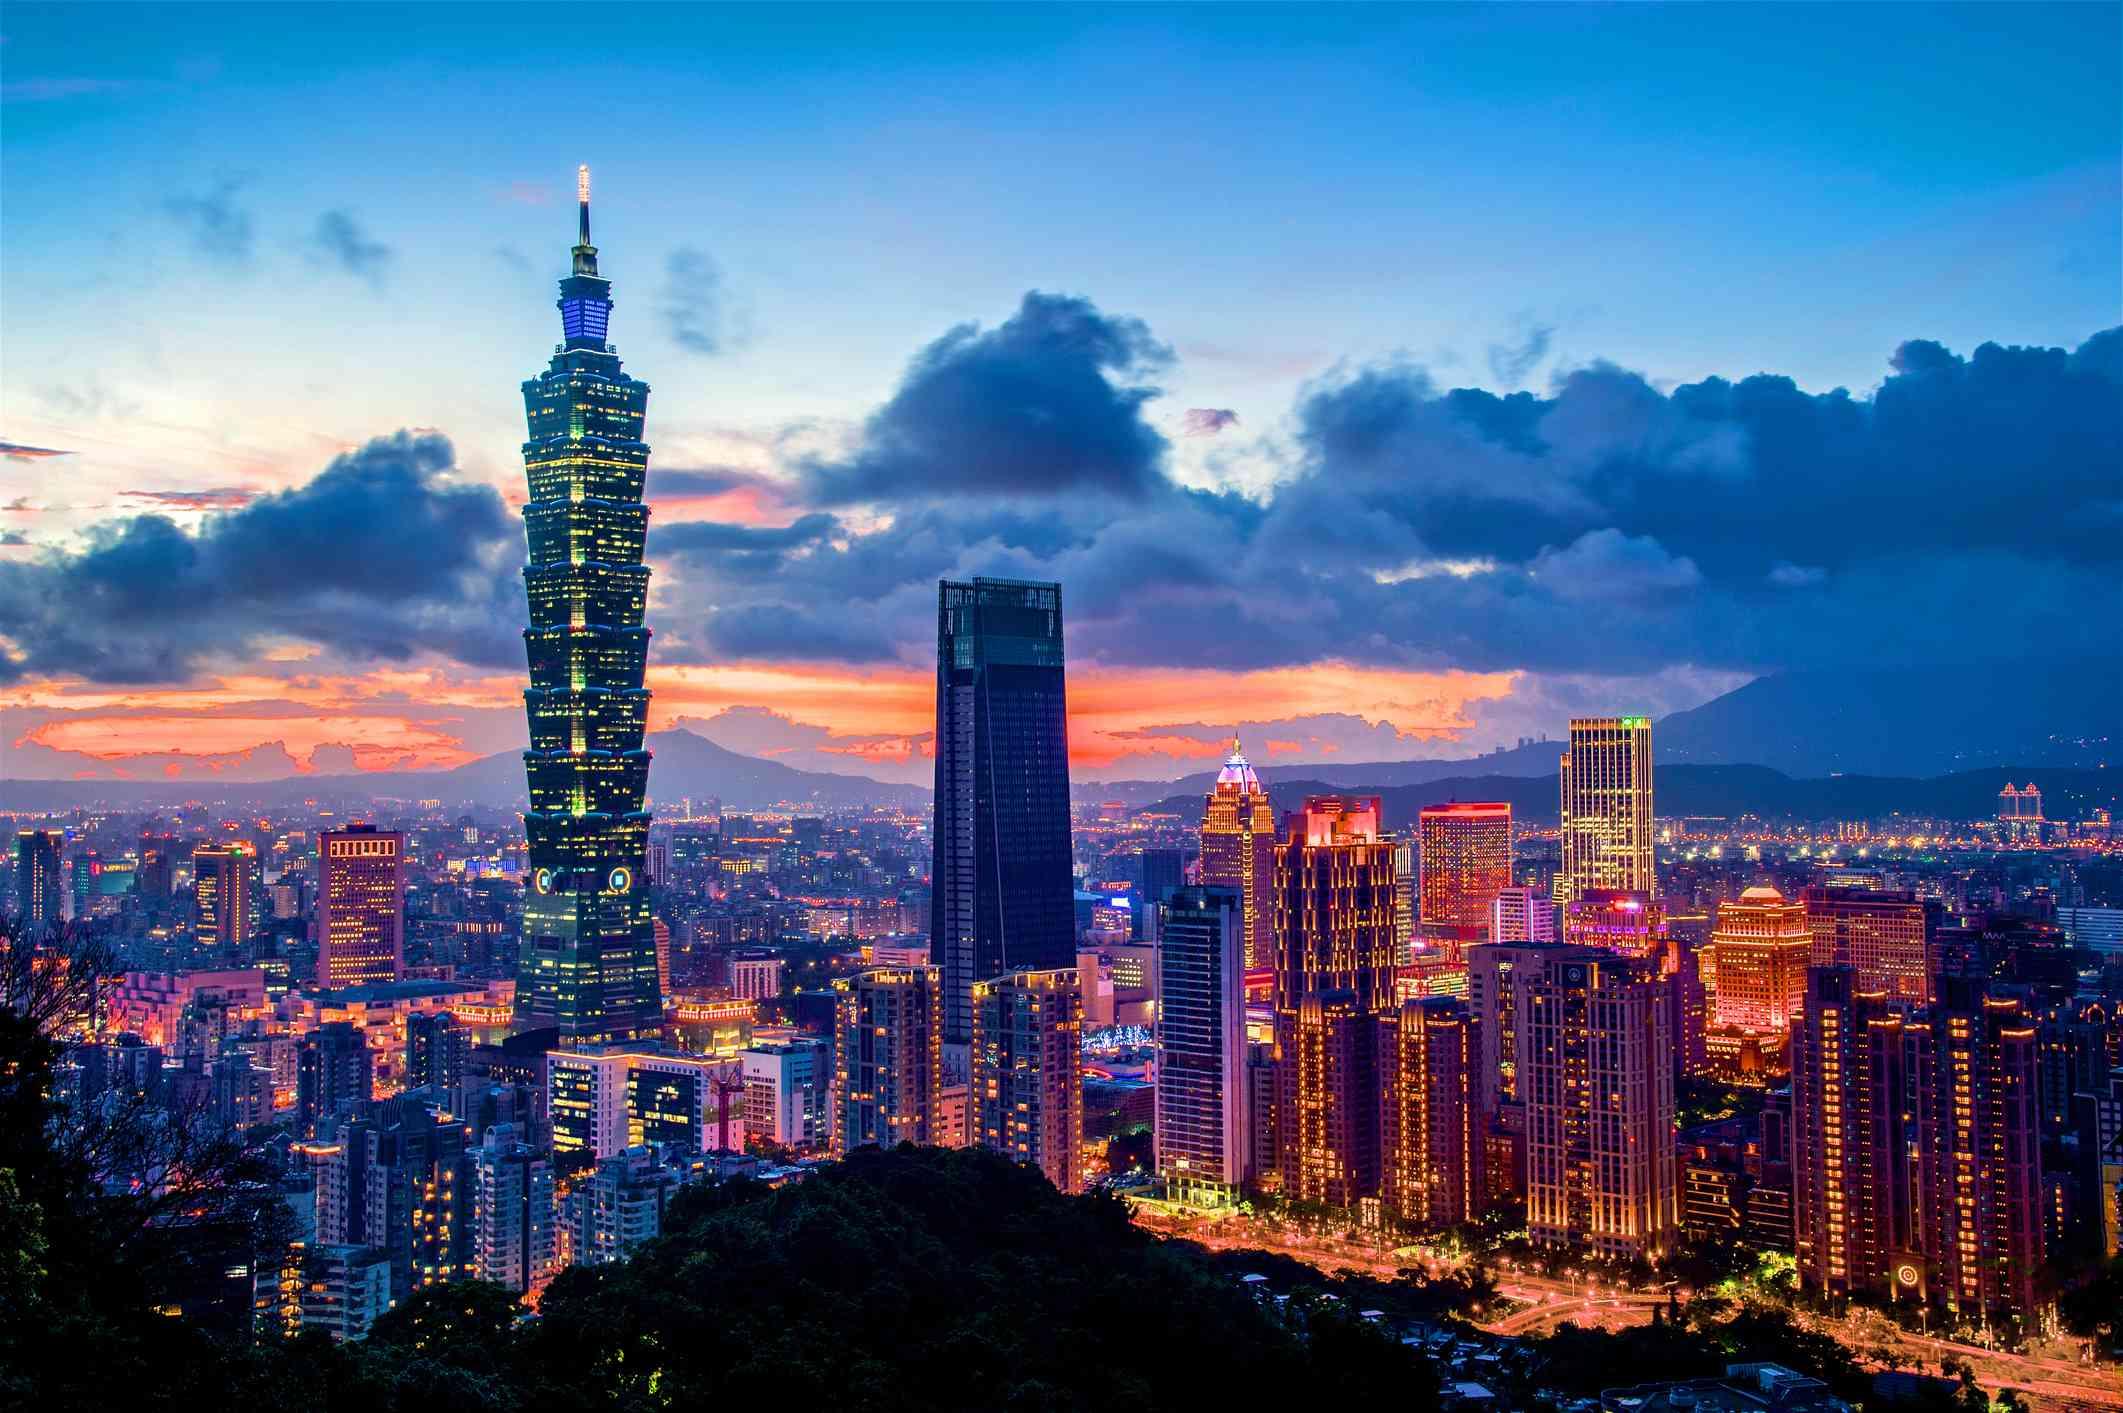 Taipei 101 Scraper